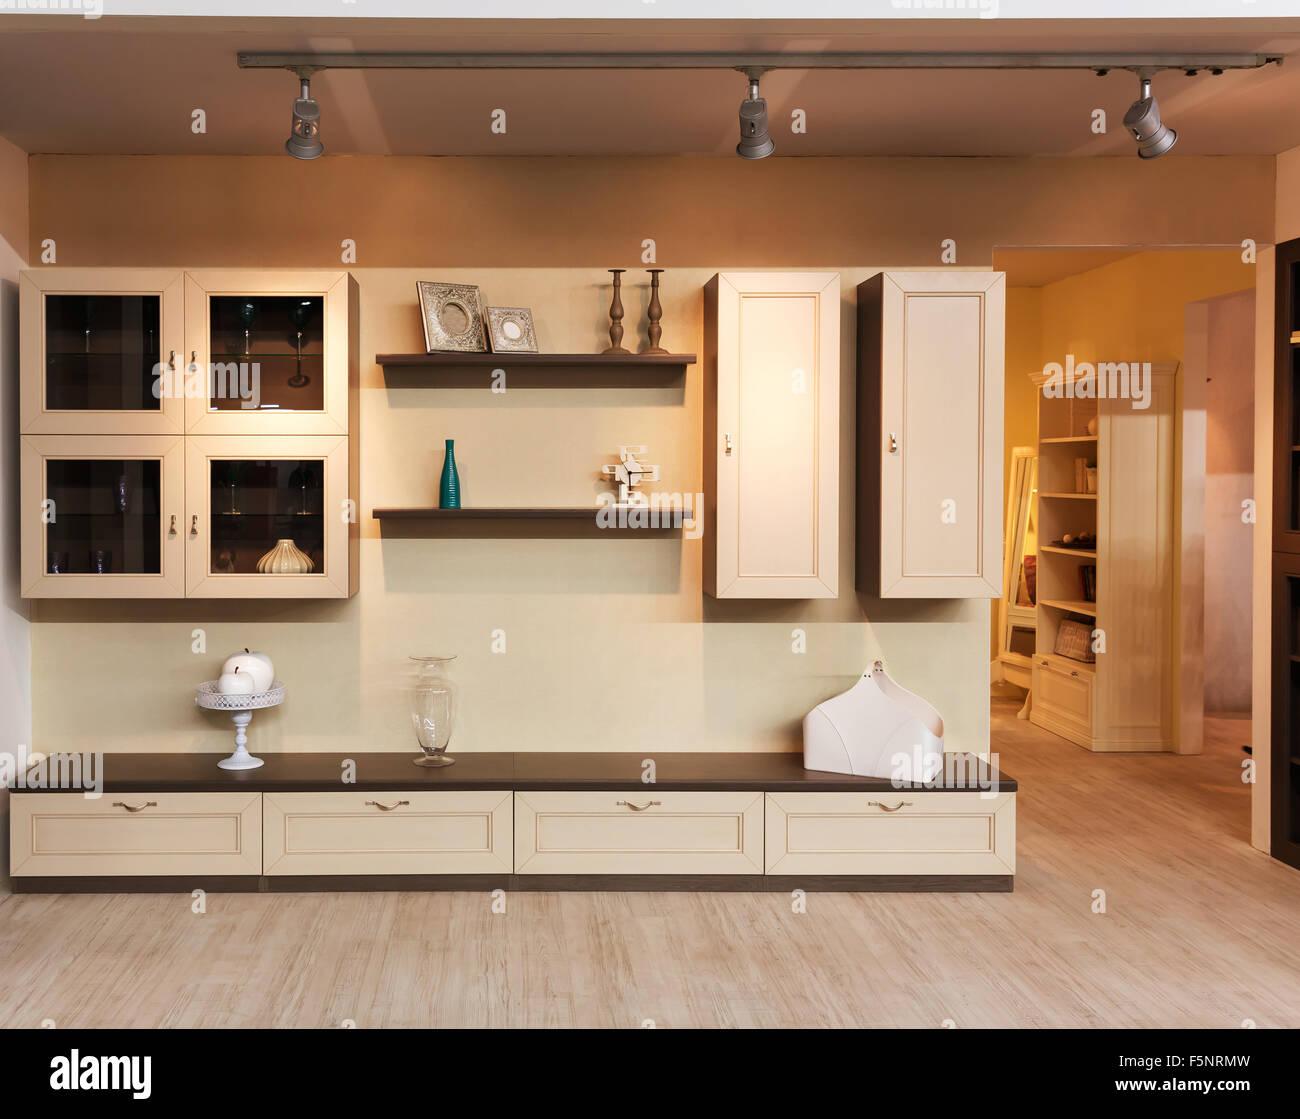 moderne holz mobel interieur vorderansicht stockfoto bild